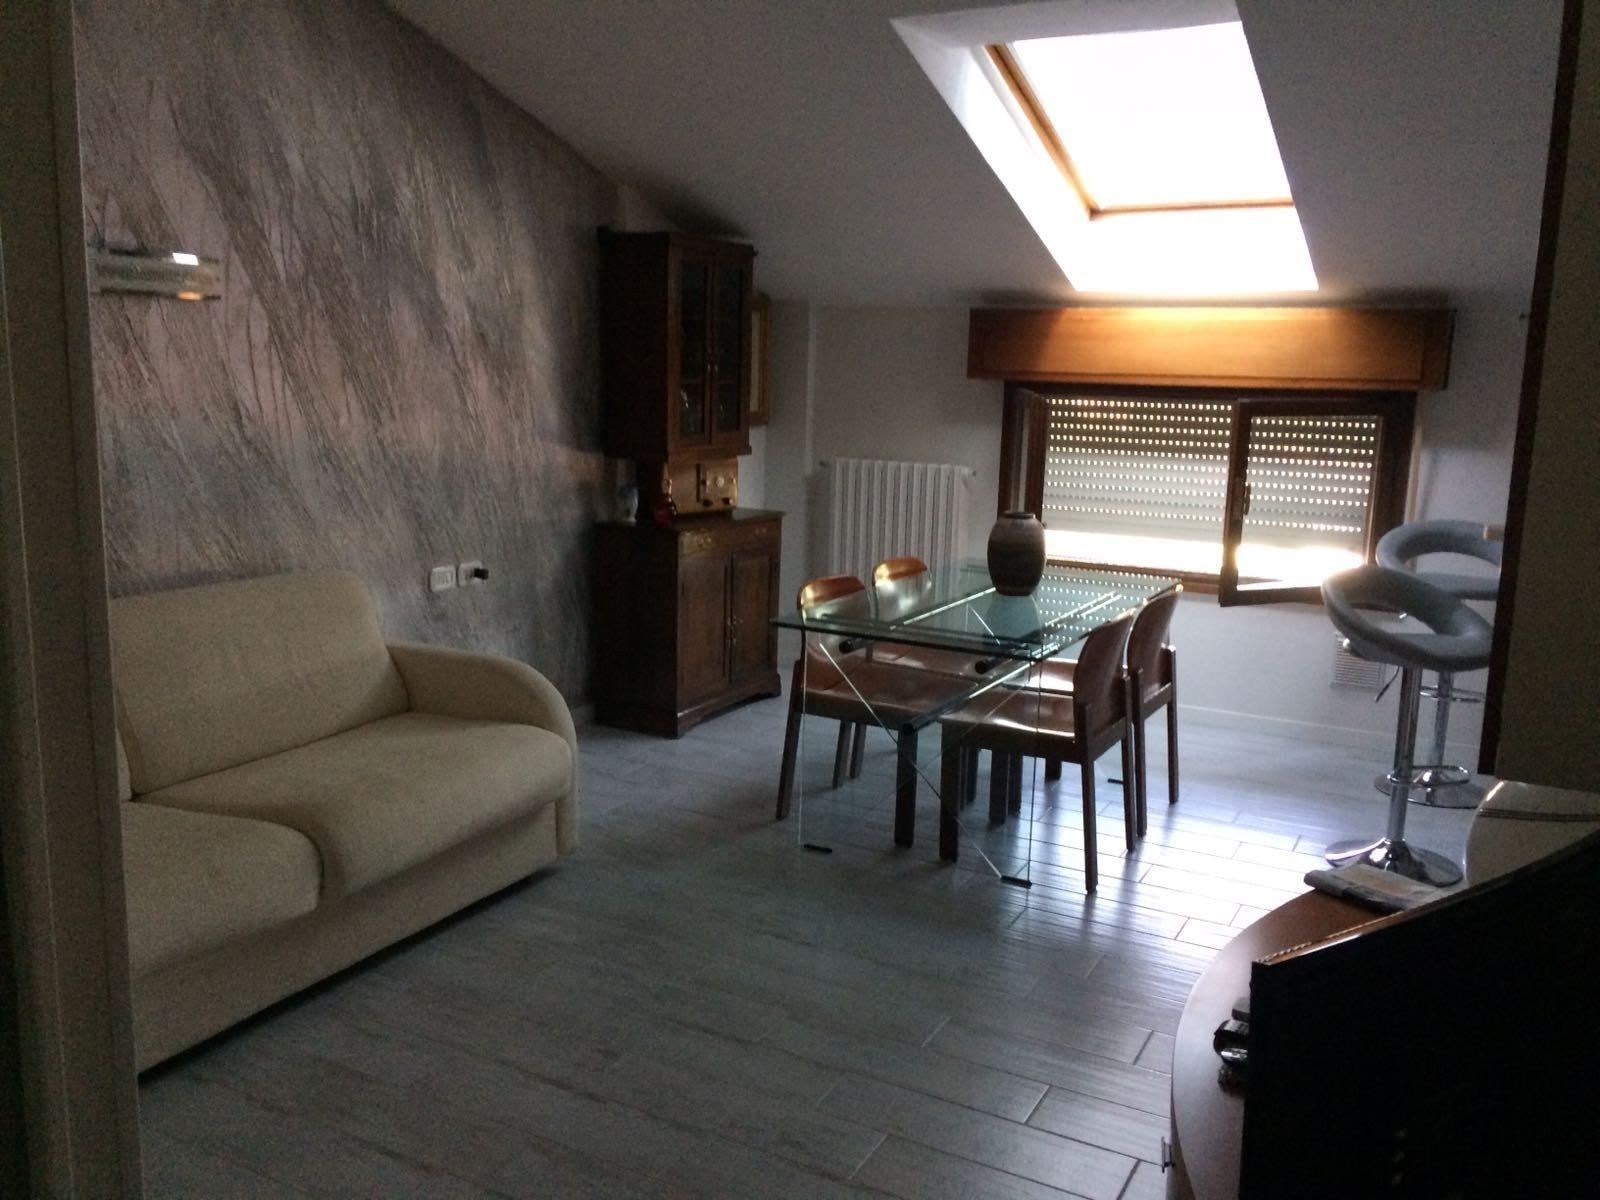 parete-decorata-con-stucco-a-calce-effetto-pietra-spaccata6